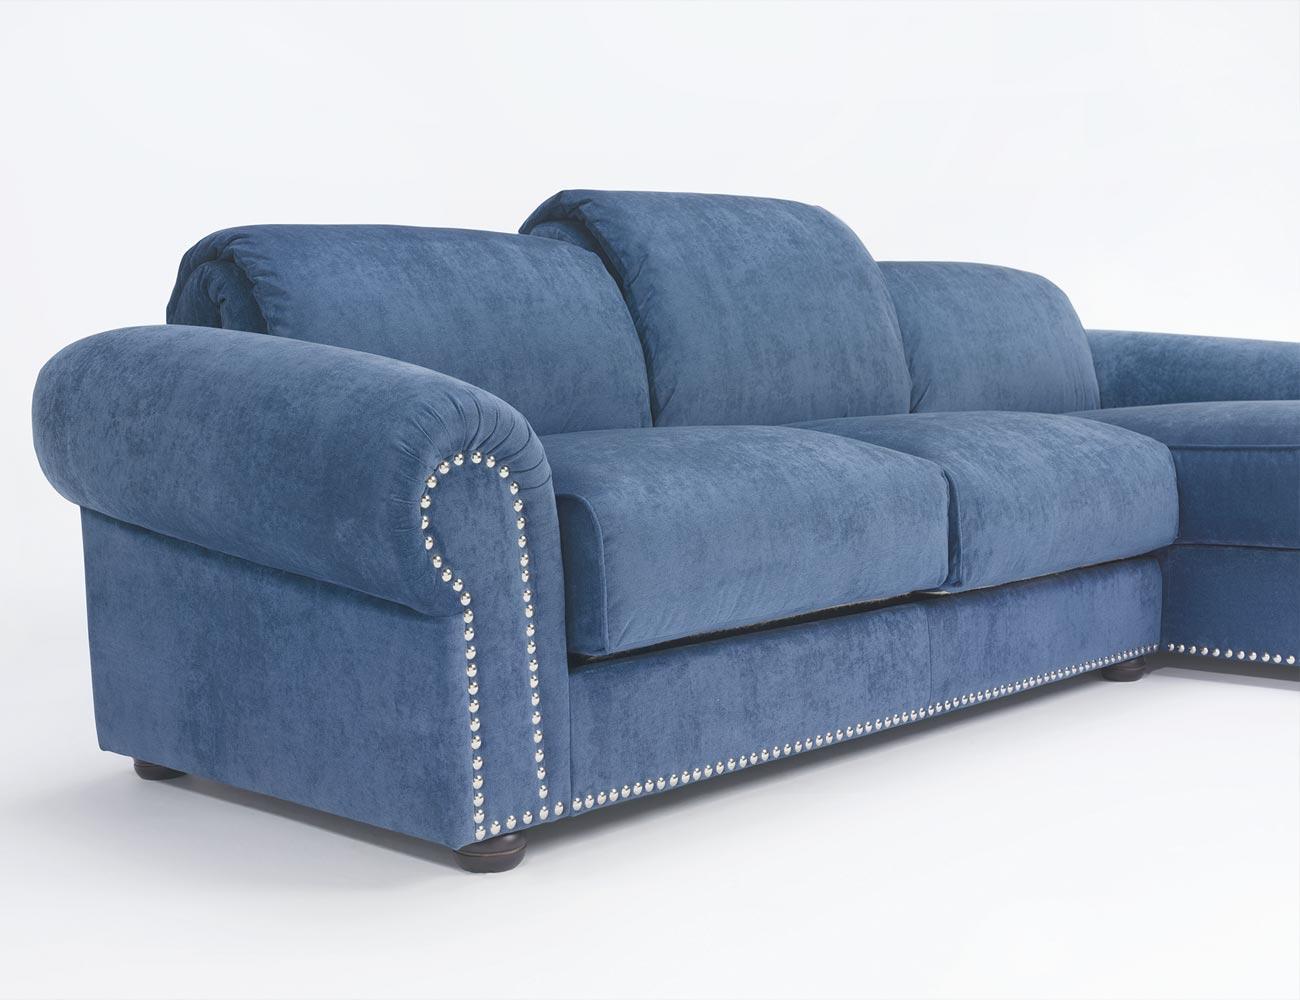 Sofa chaiselongue gran lujo decorativo azul 139